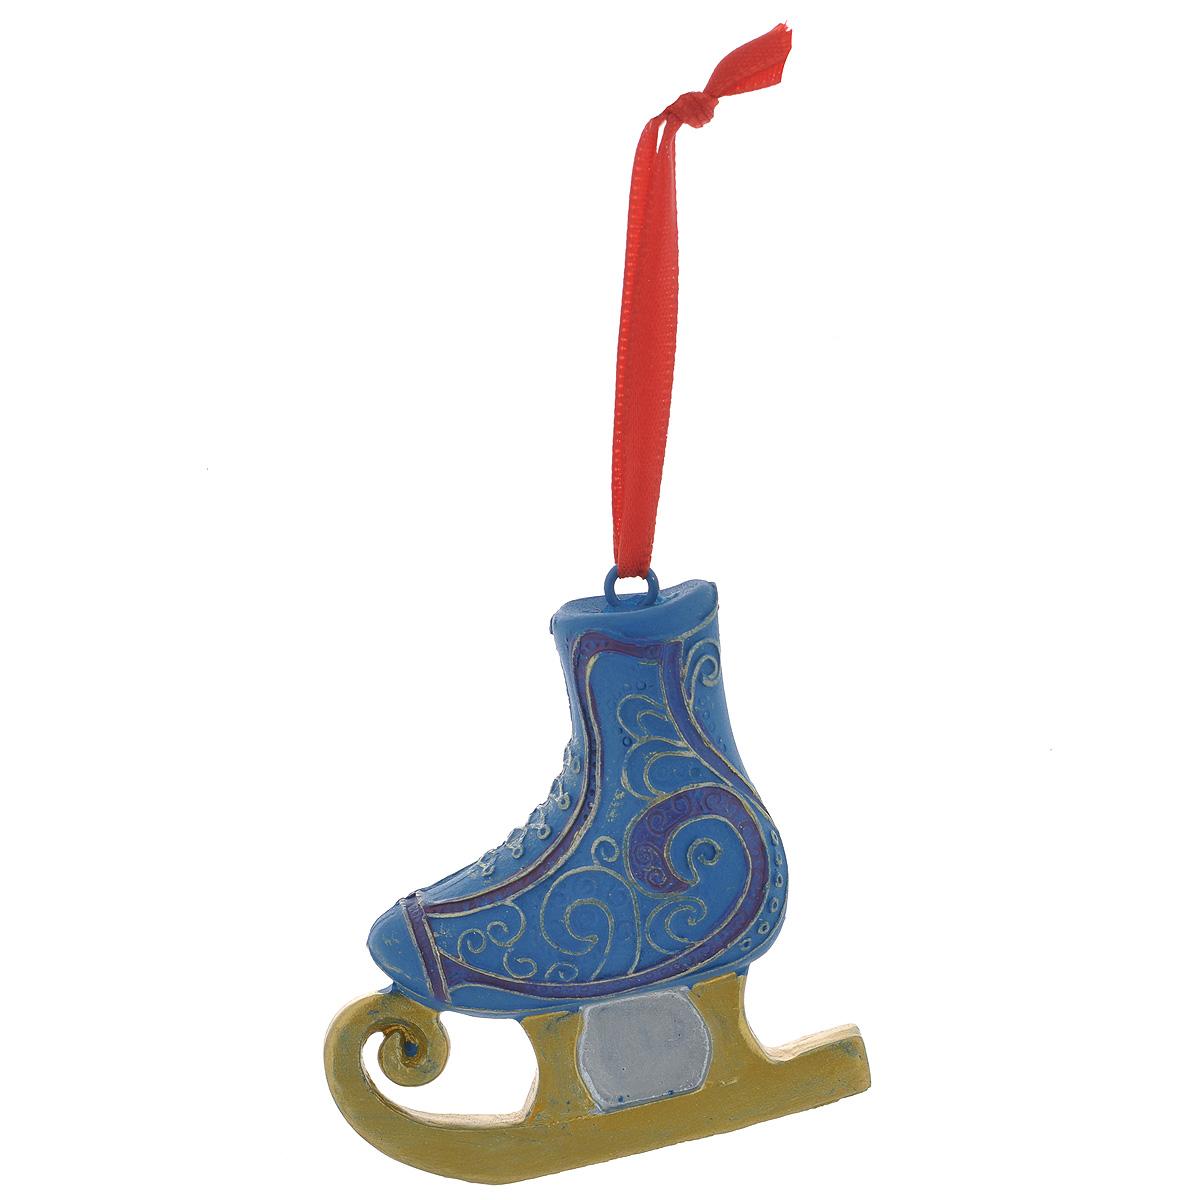 Новогоднее подвесное украшение Конек, цвет: синий, золотой. 3459934599Оригинальное новогоднее украшение из пластика прекрасно подойдет для праздничного декора дома и новогодней ели. Изделие крепится на елку с помощью металлического зажима.